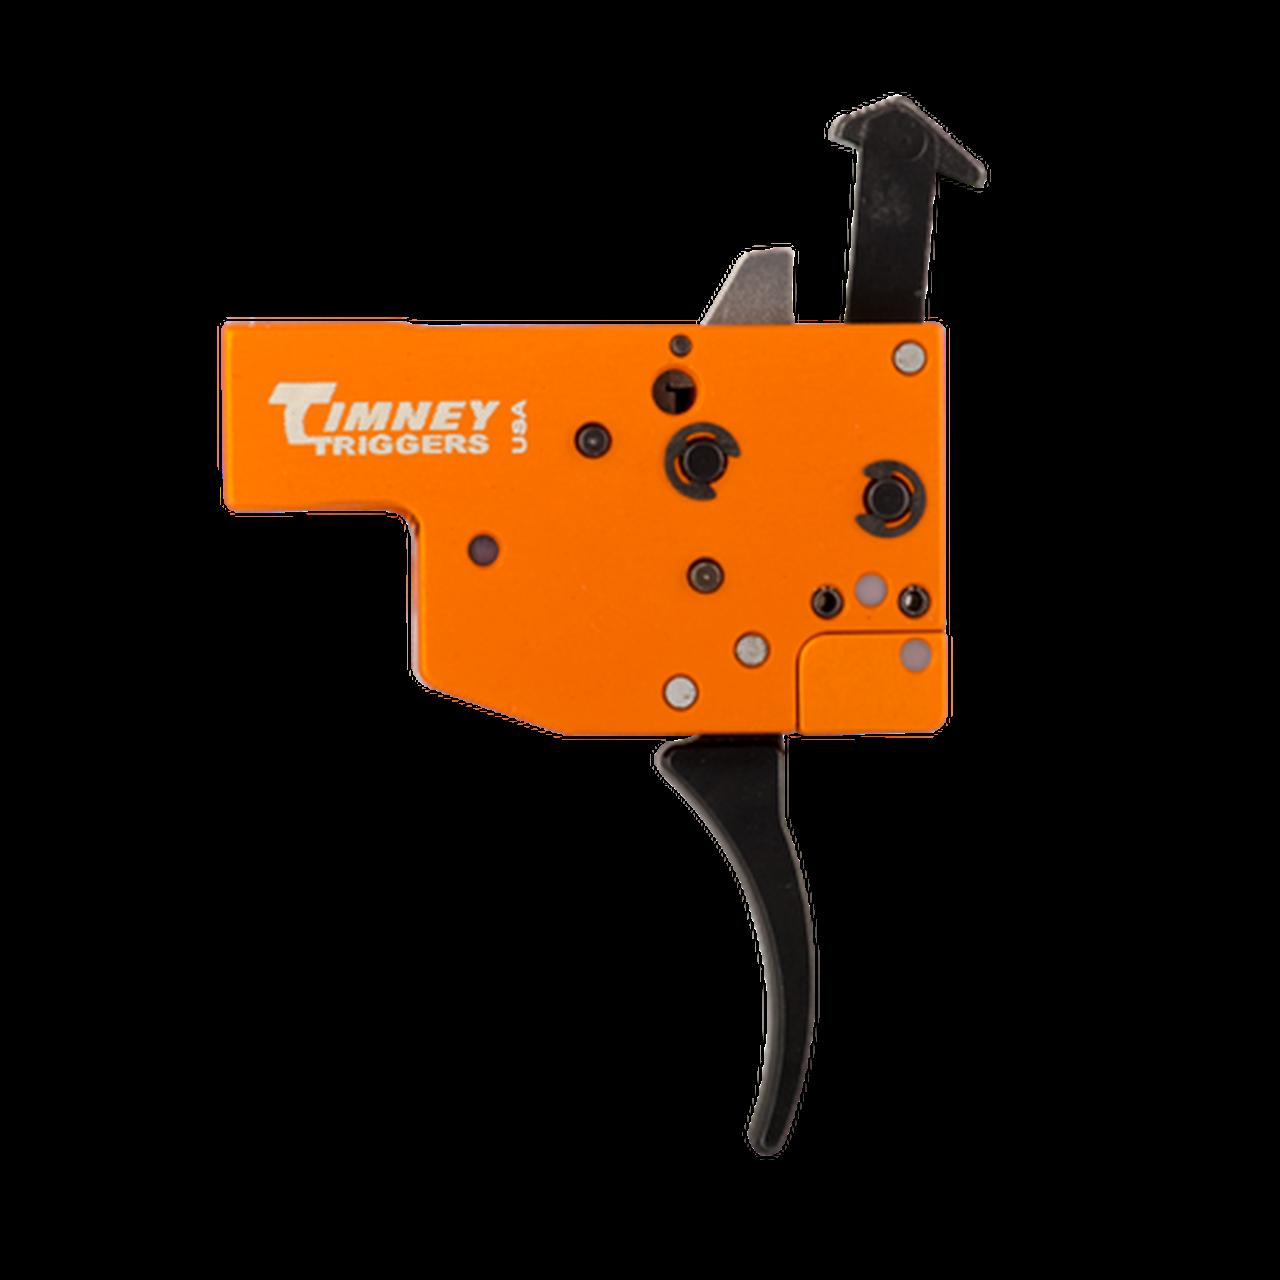 Spoušťový mechanismus Timney pro klikovku Tikka T3 dvouchodová